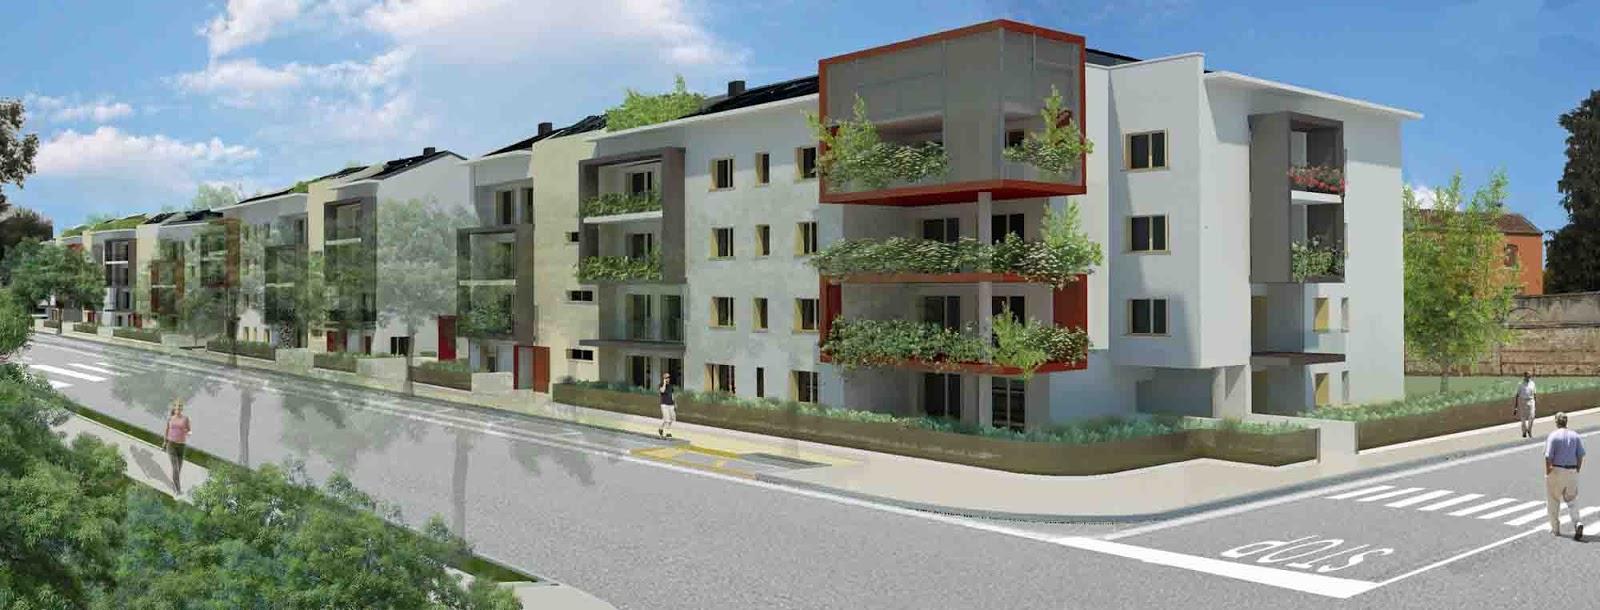 Riqualificazione passalacqua e santa marta le nuove for Progettazione di edifici residenziali